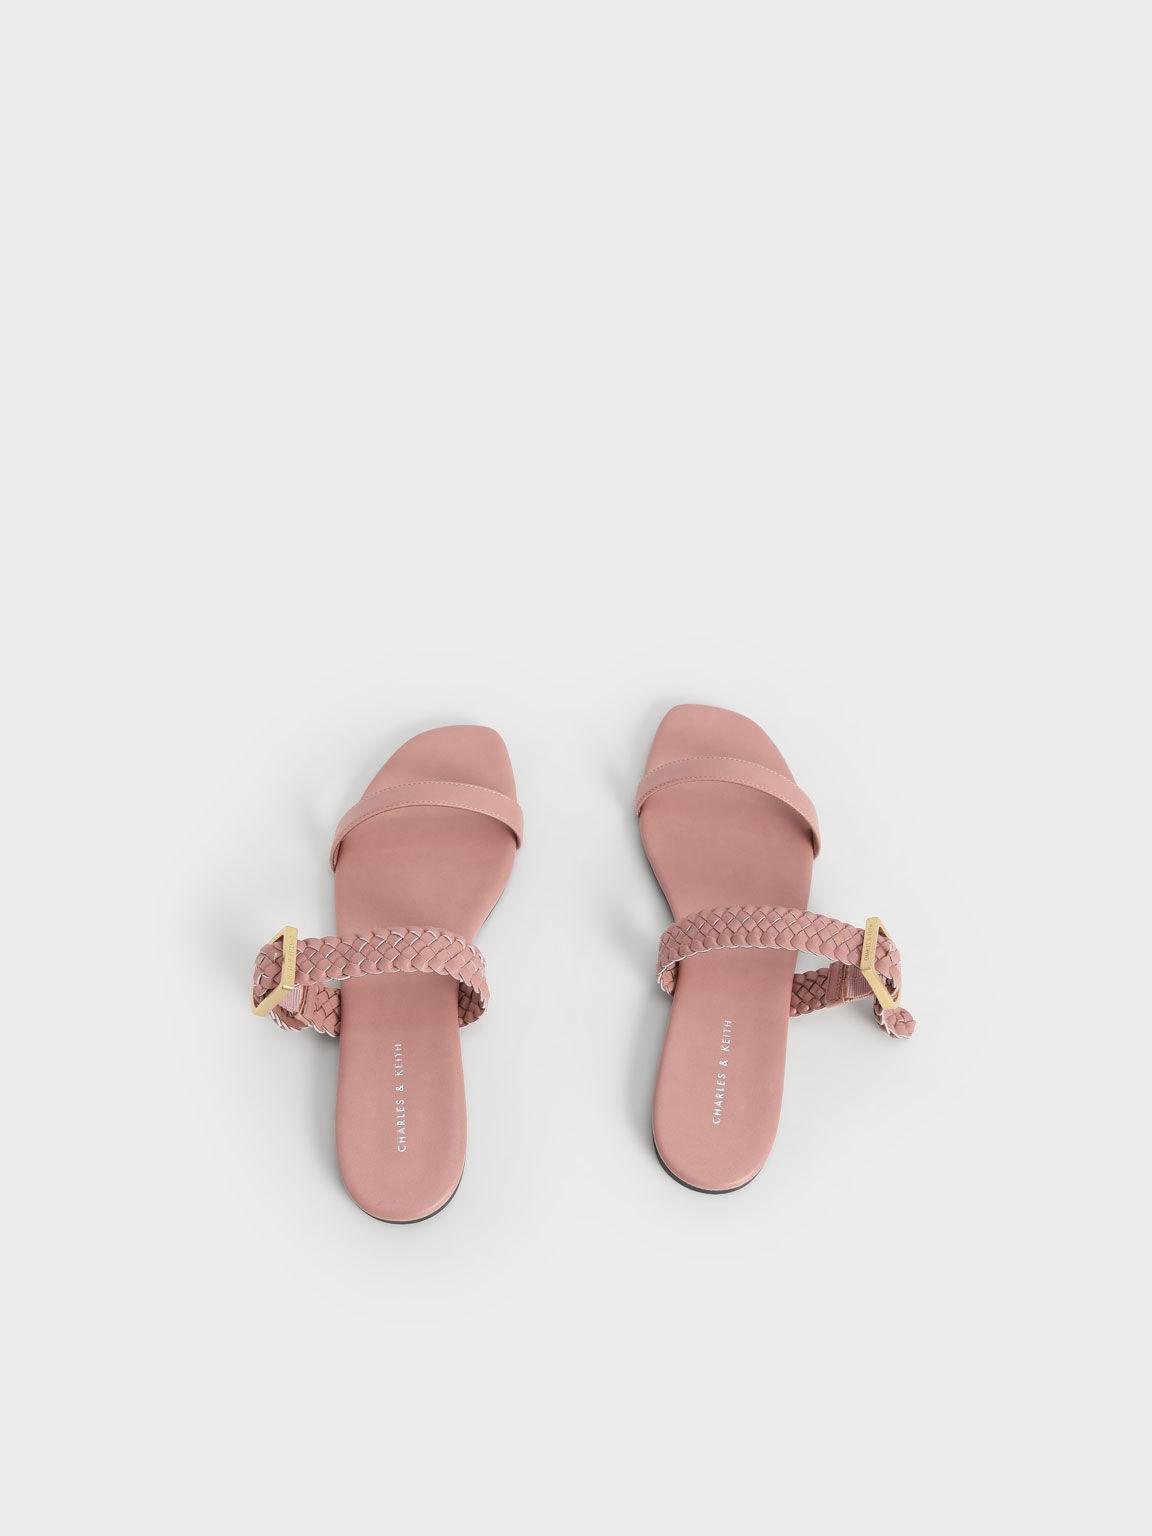 Sandal Woven Strap Slide, Pink, hi-res